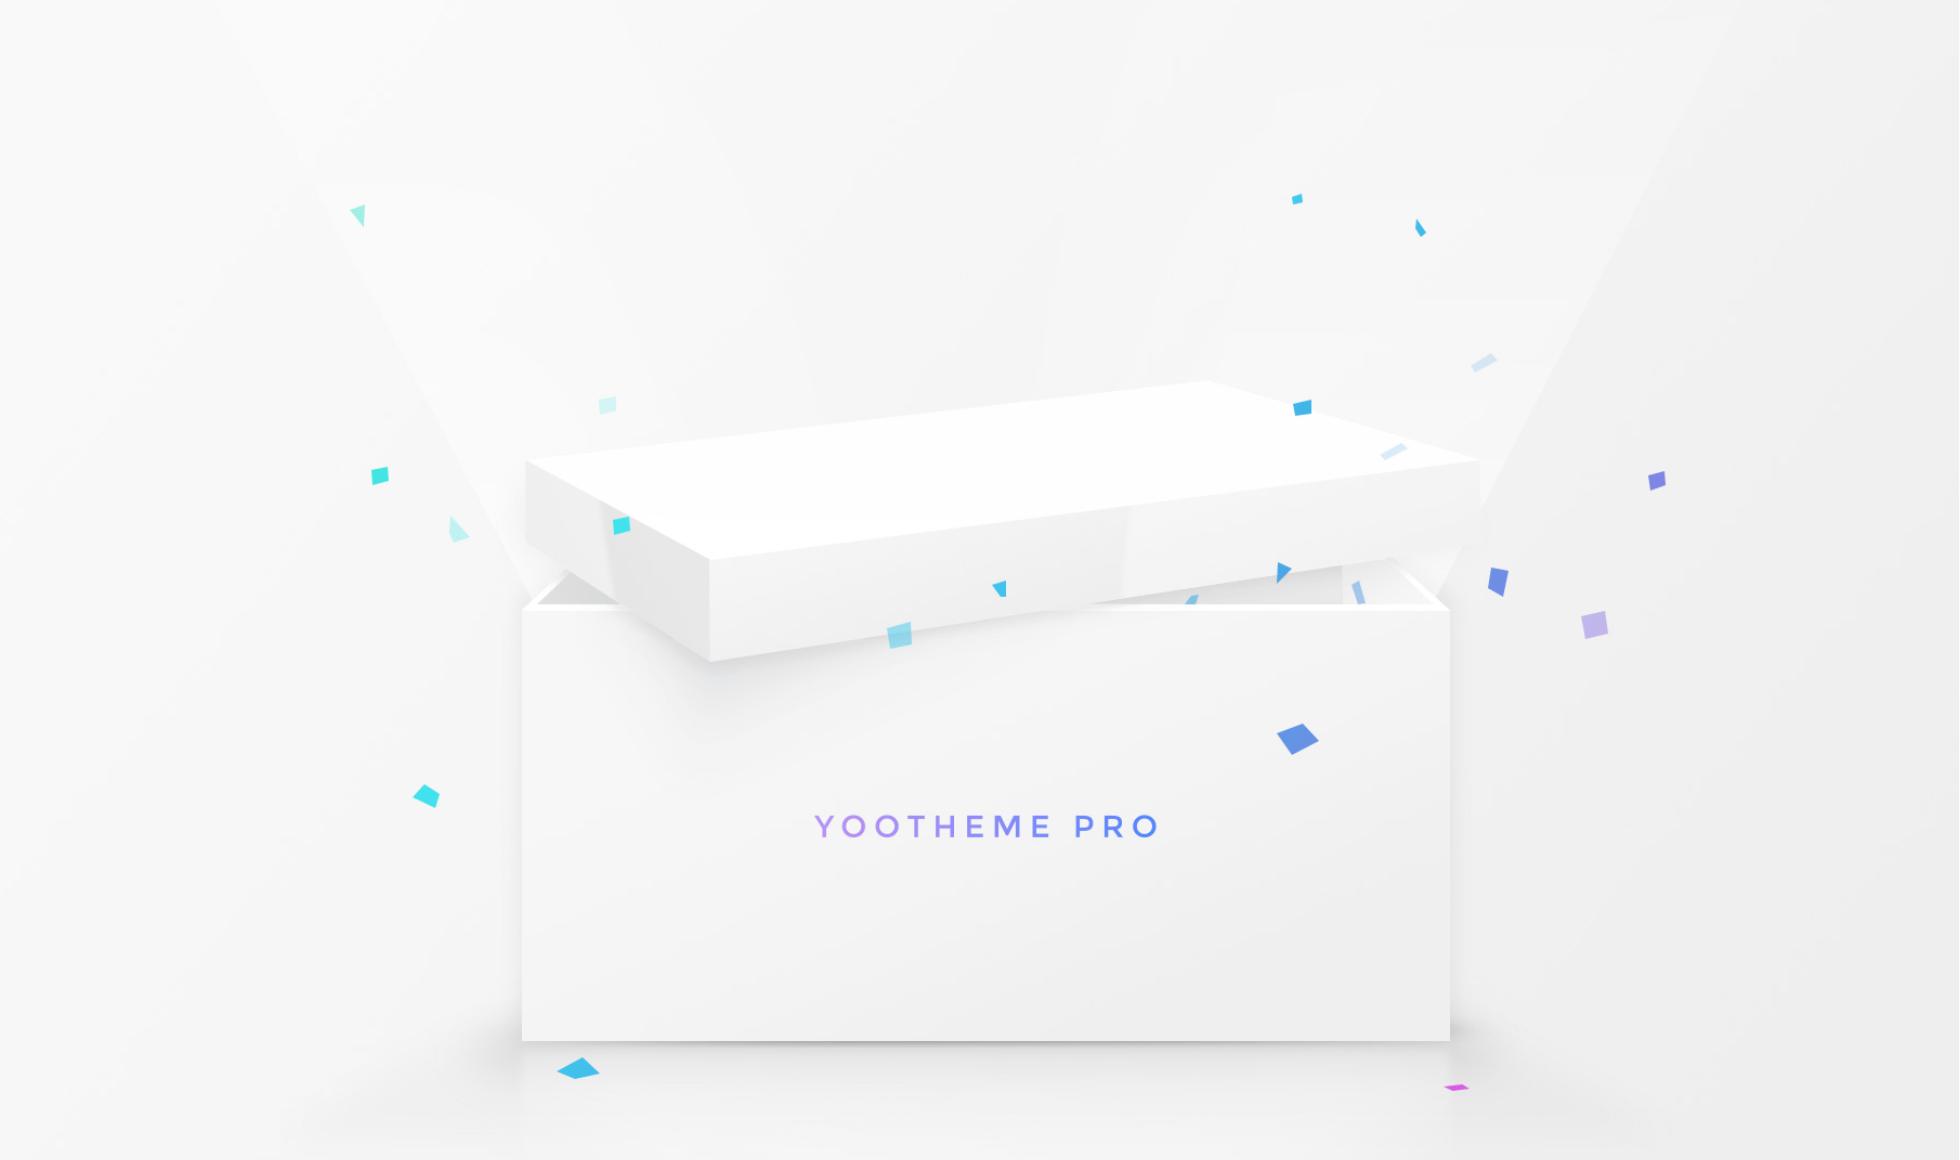 YooTheme Pro - фреймворк нового поколения